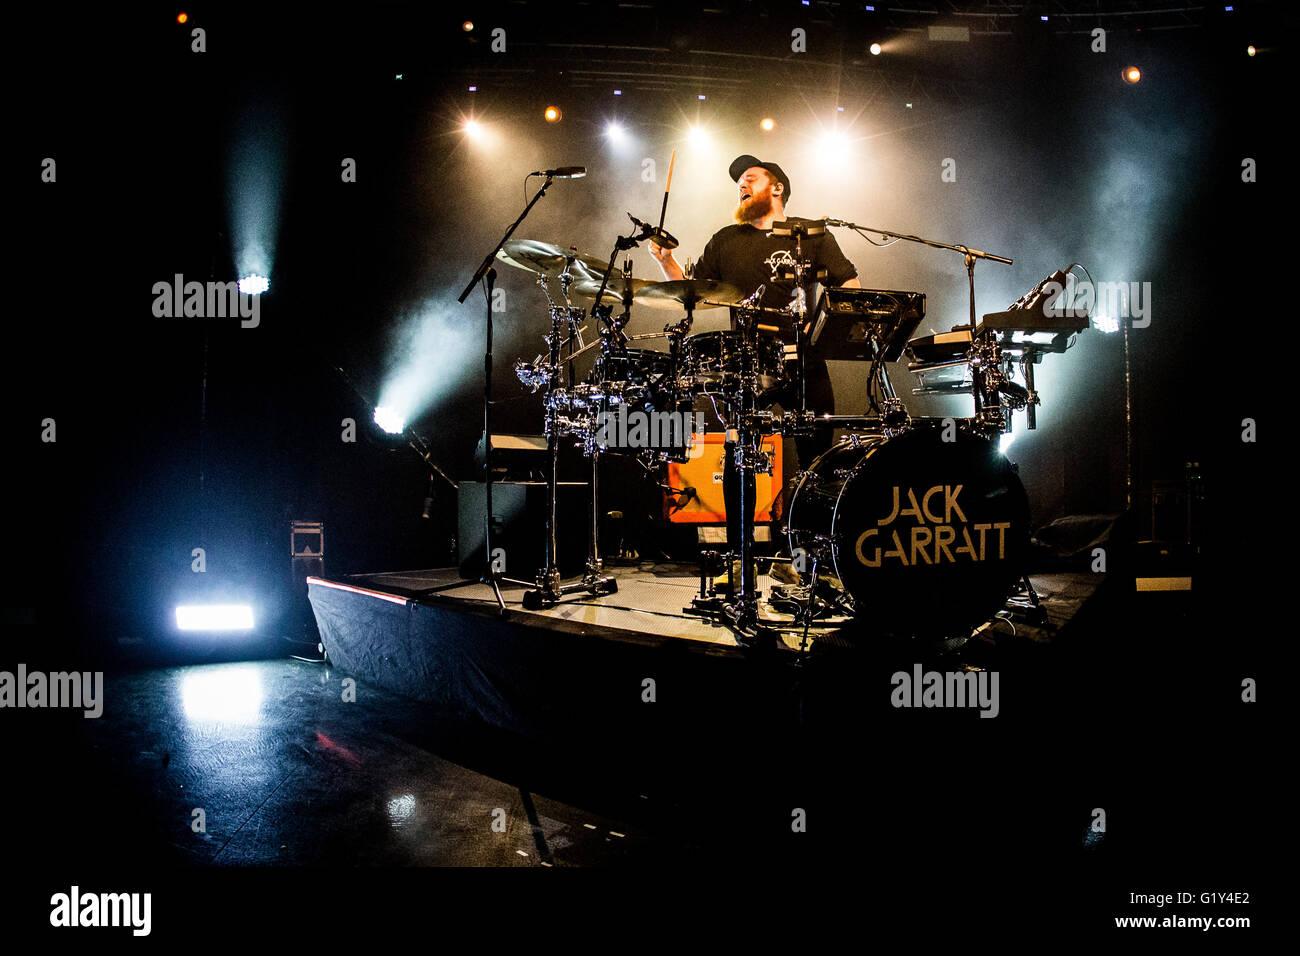 Milano, 20 maggio 2016 garratt jack live at fabrique a milano credito: Roberto finizio/ alamy live news Immagini Stock